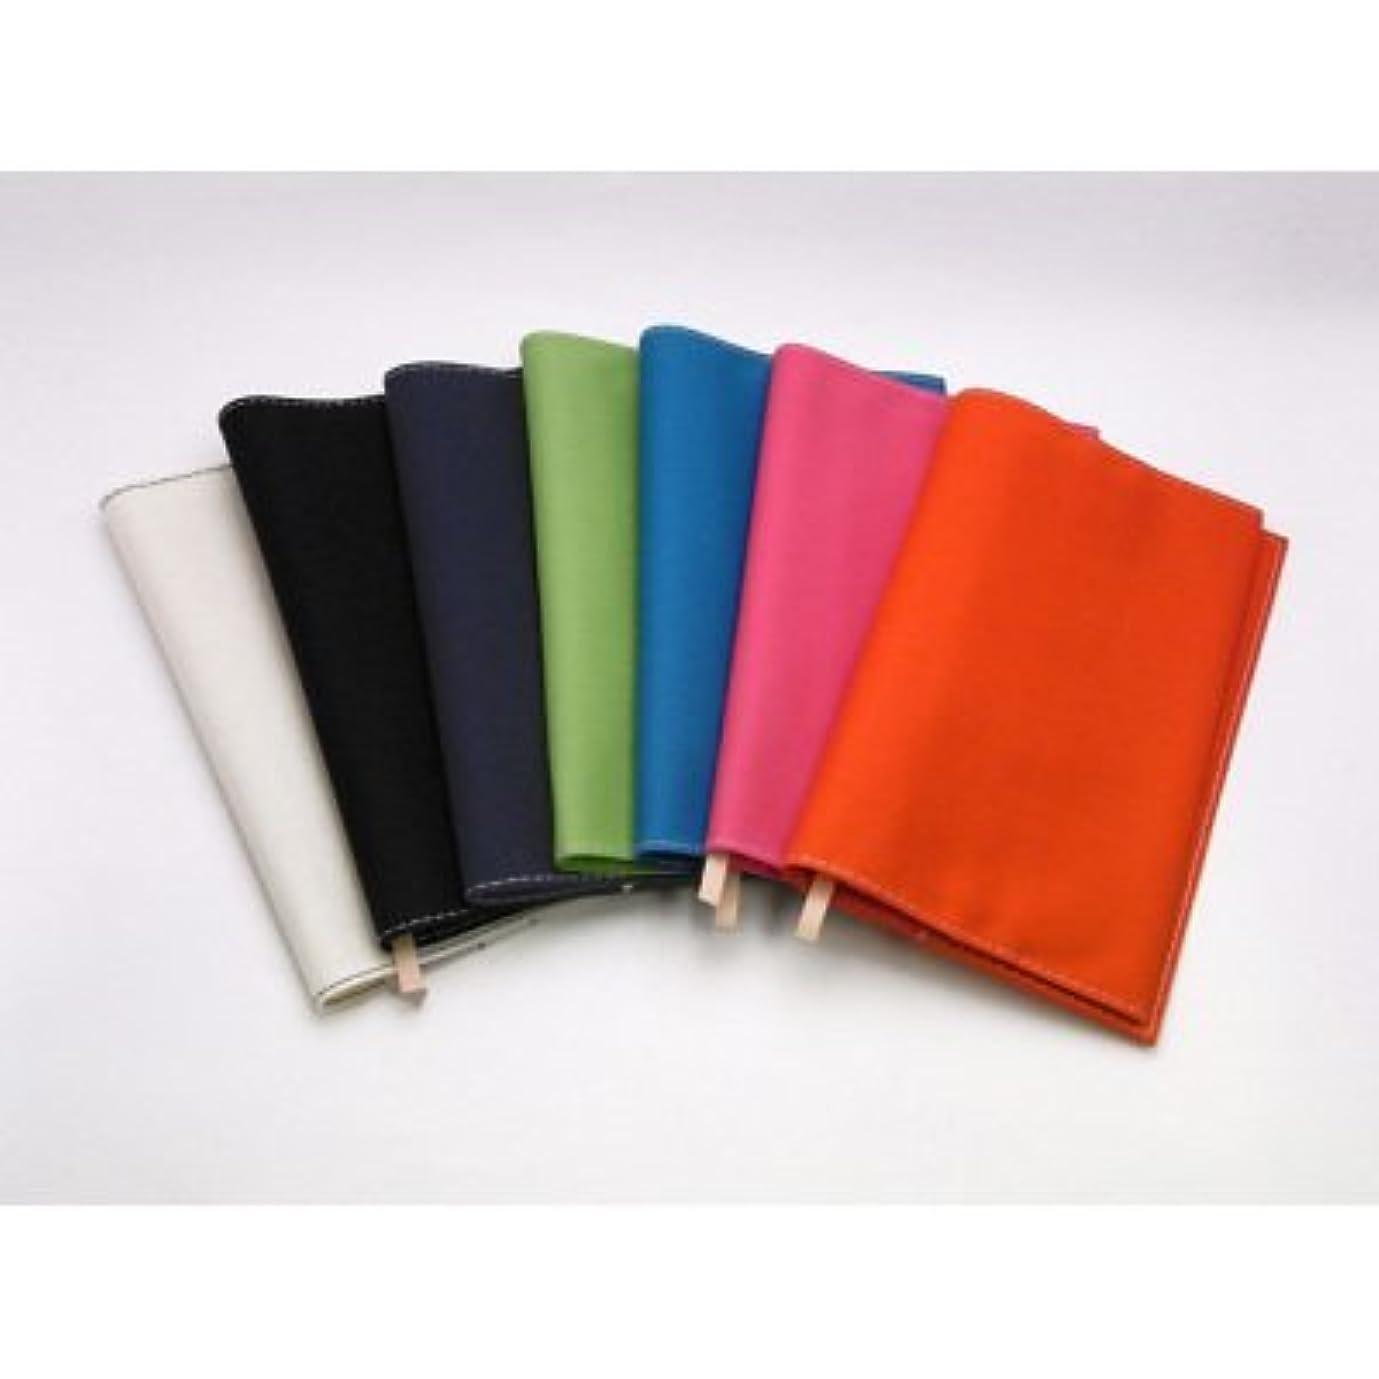 ブラスト芽偽善者(SLIP-ON)スリップオン キャンパス 新書判ブックカバー 帆布 フリータイプ 新書判 布製 カラー ネイビー